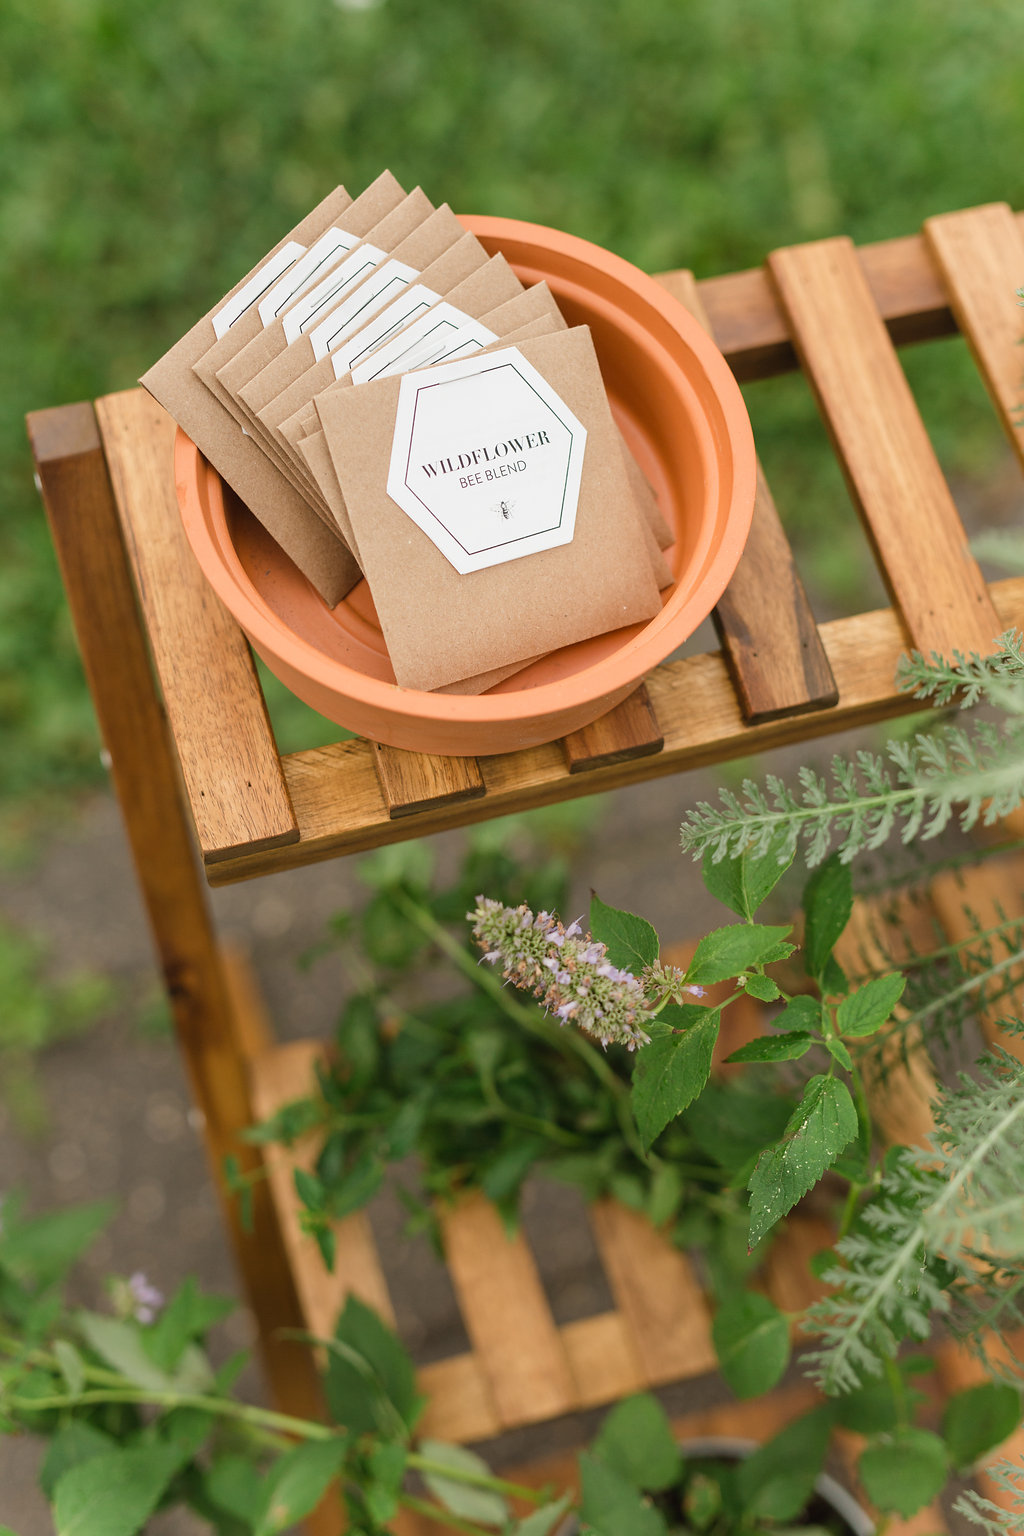 Wildflower Seed Packaging